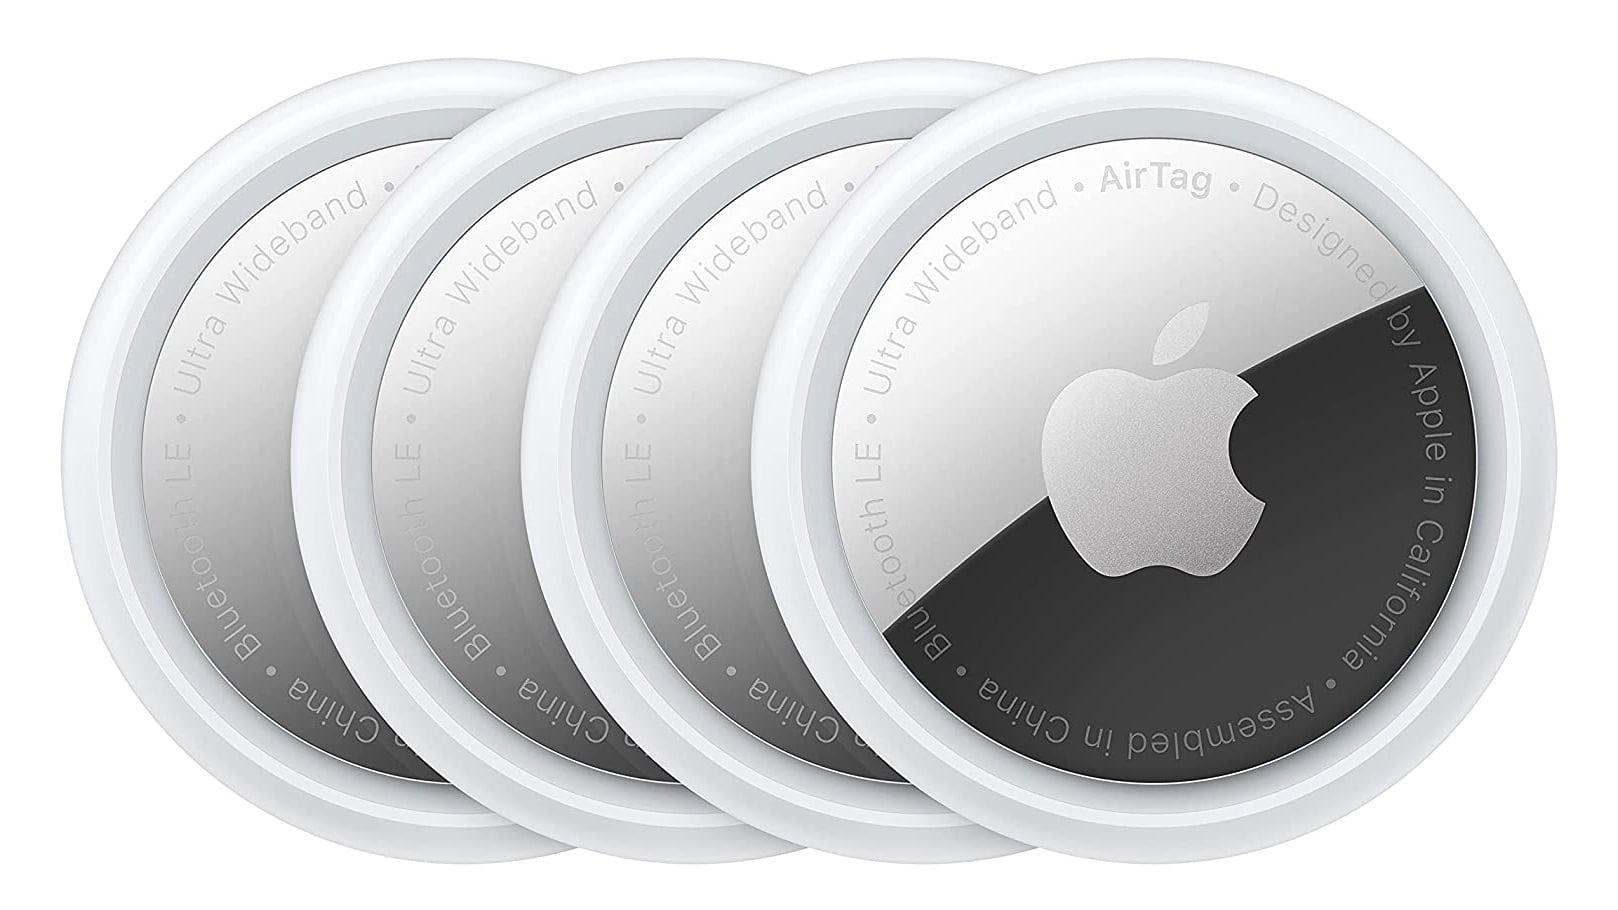 Firma Apple ostrzega, aby nie kupować baterii zamienny do AirTag z gorzkimi powłokami